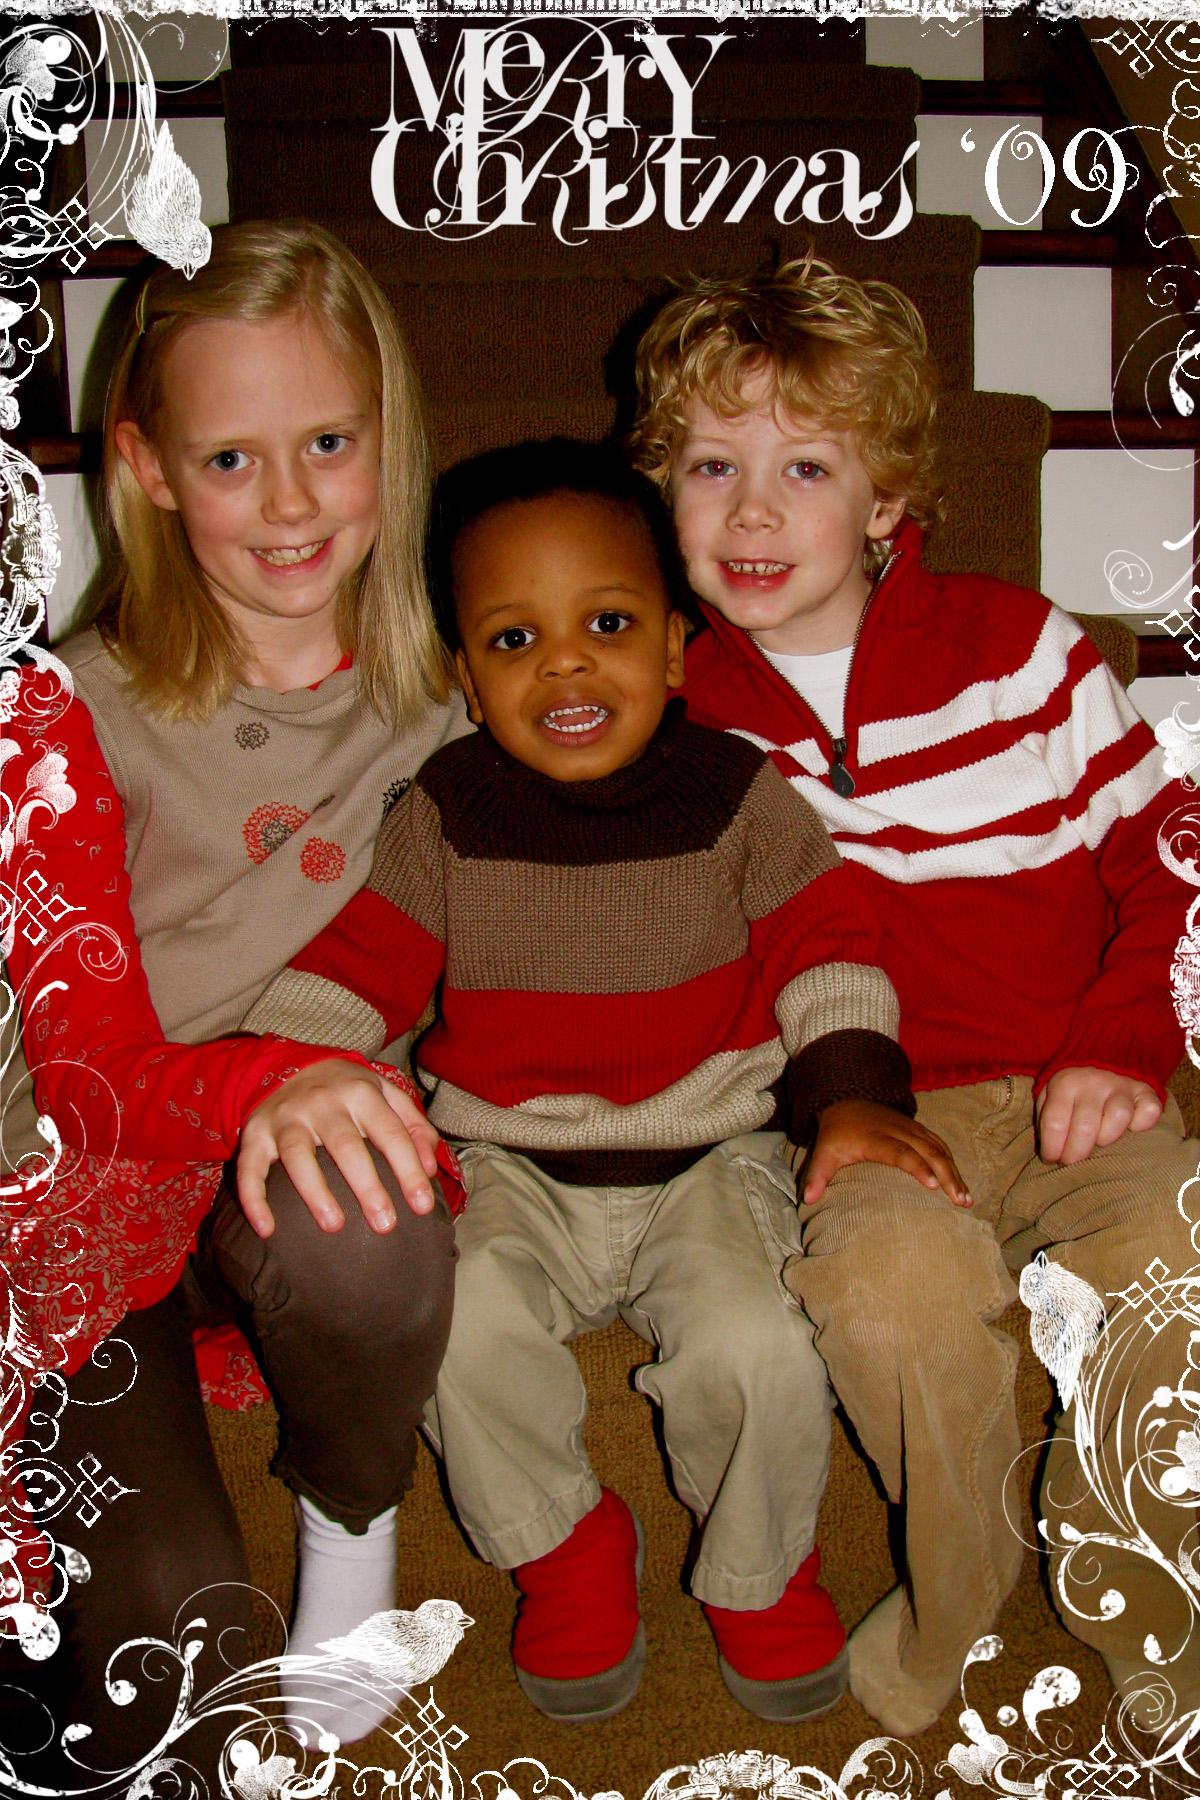 Christmas Photo'09